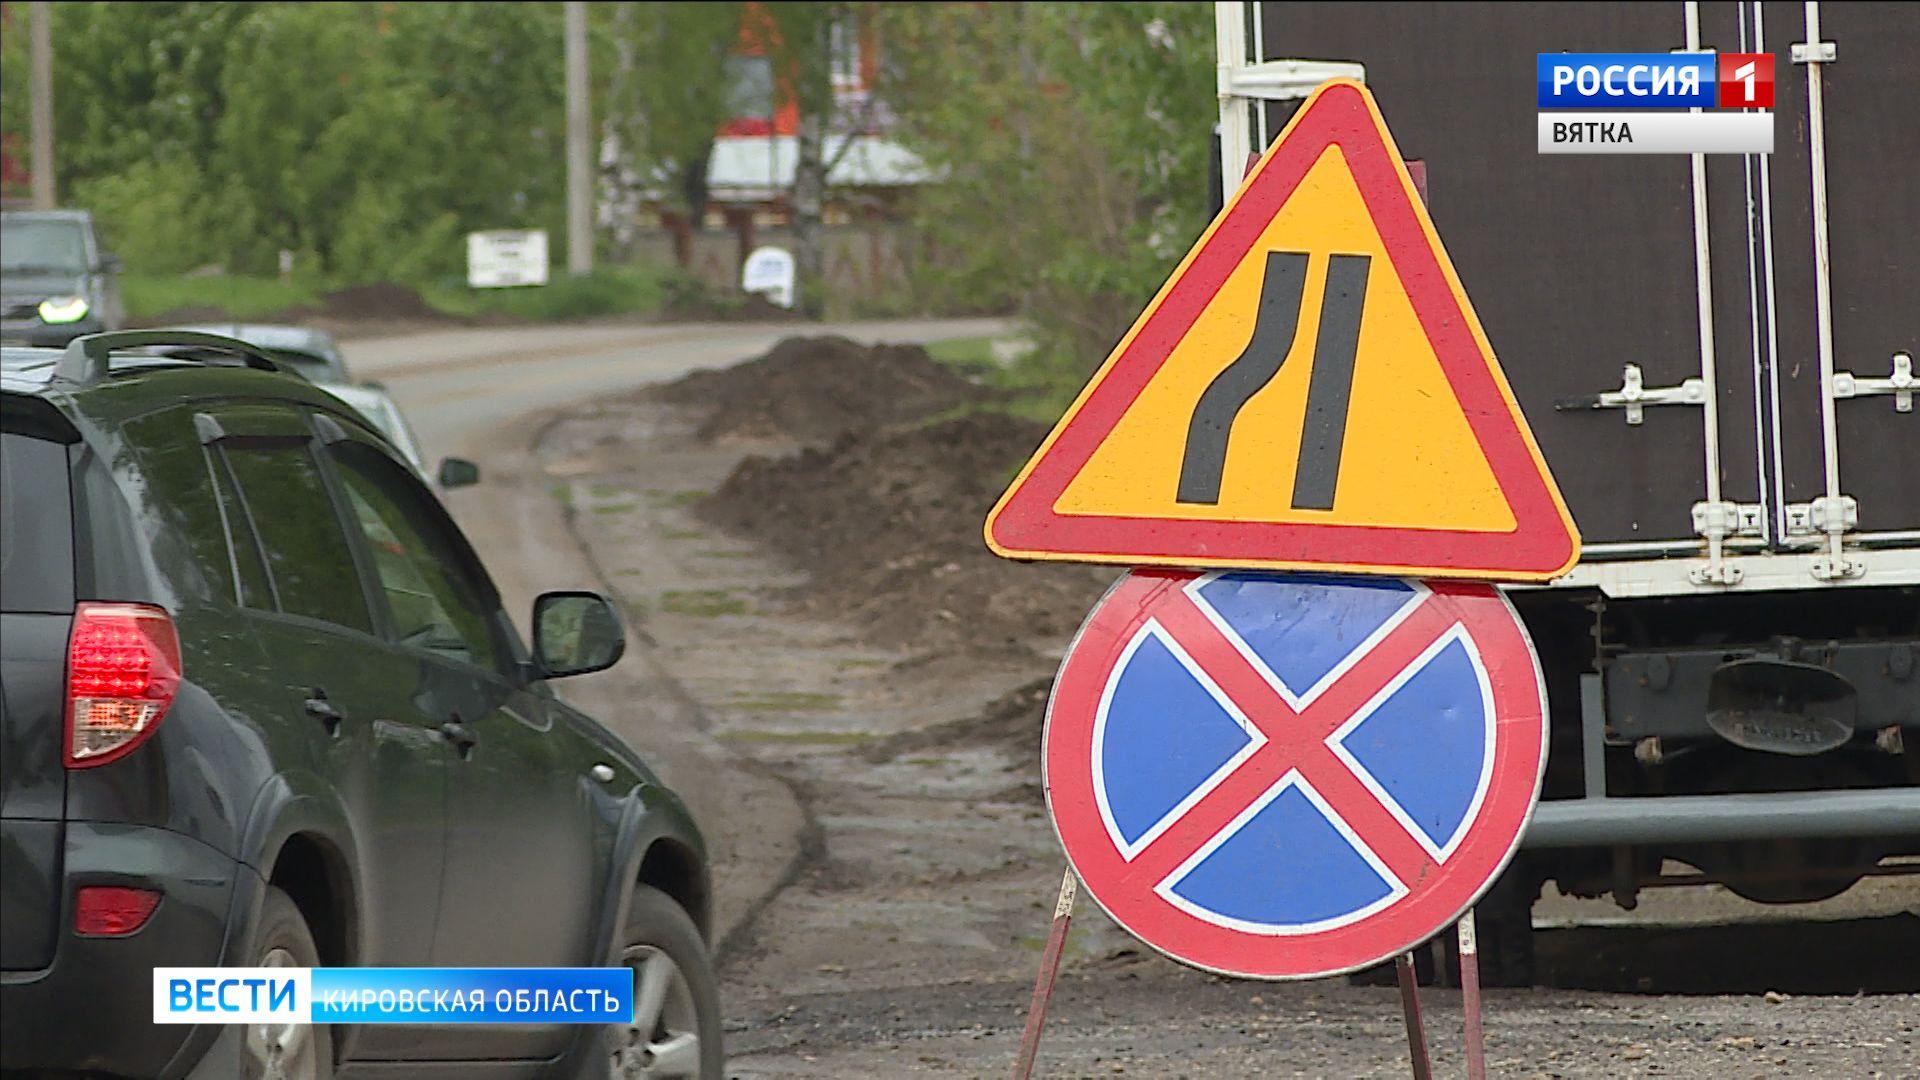 На улице Потребкооперации ремонтируют дорогу